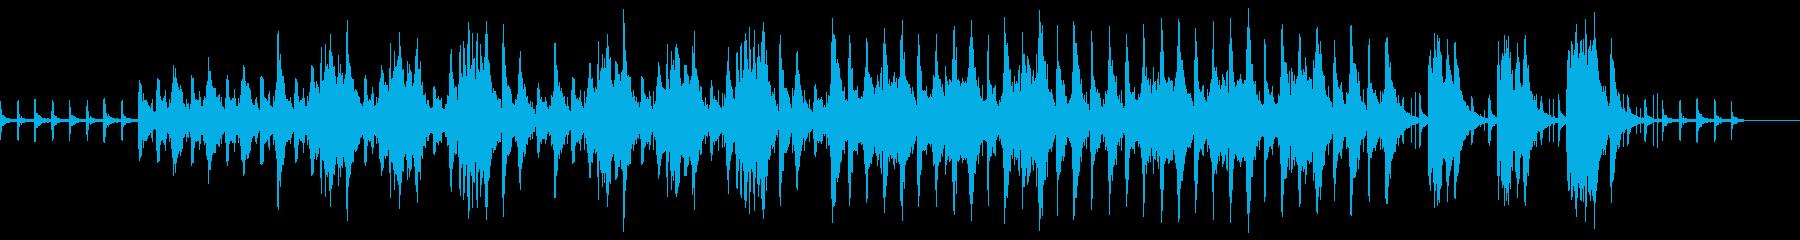 ゴシック/西洋/吸血鬼風のオーケストラ曲の再生済みの波形